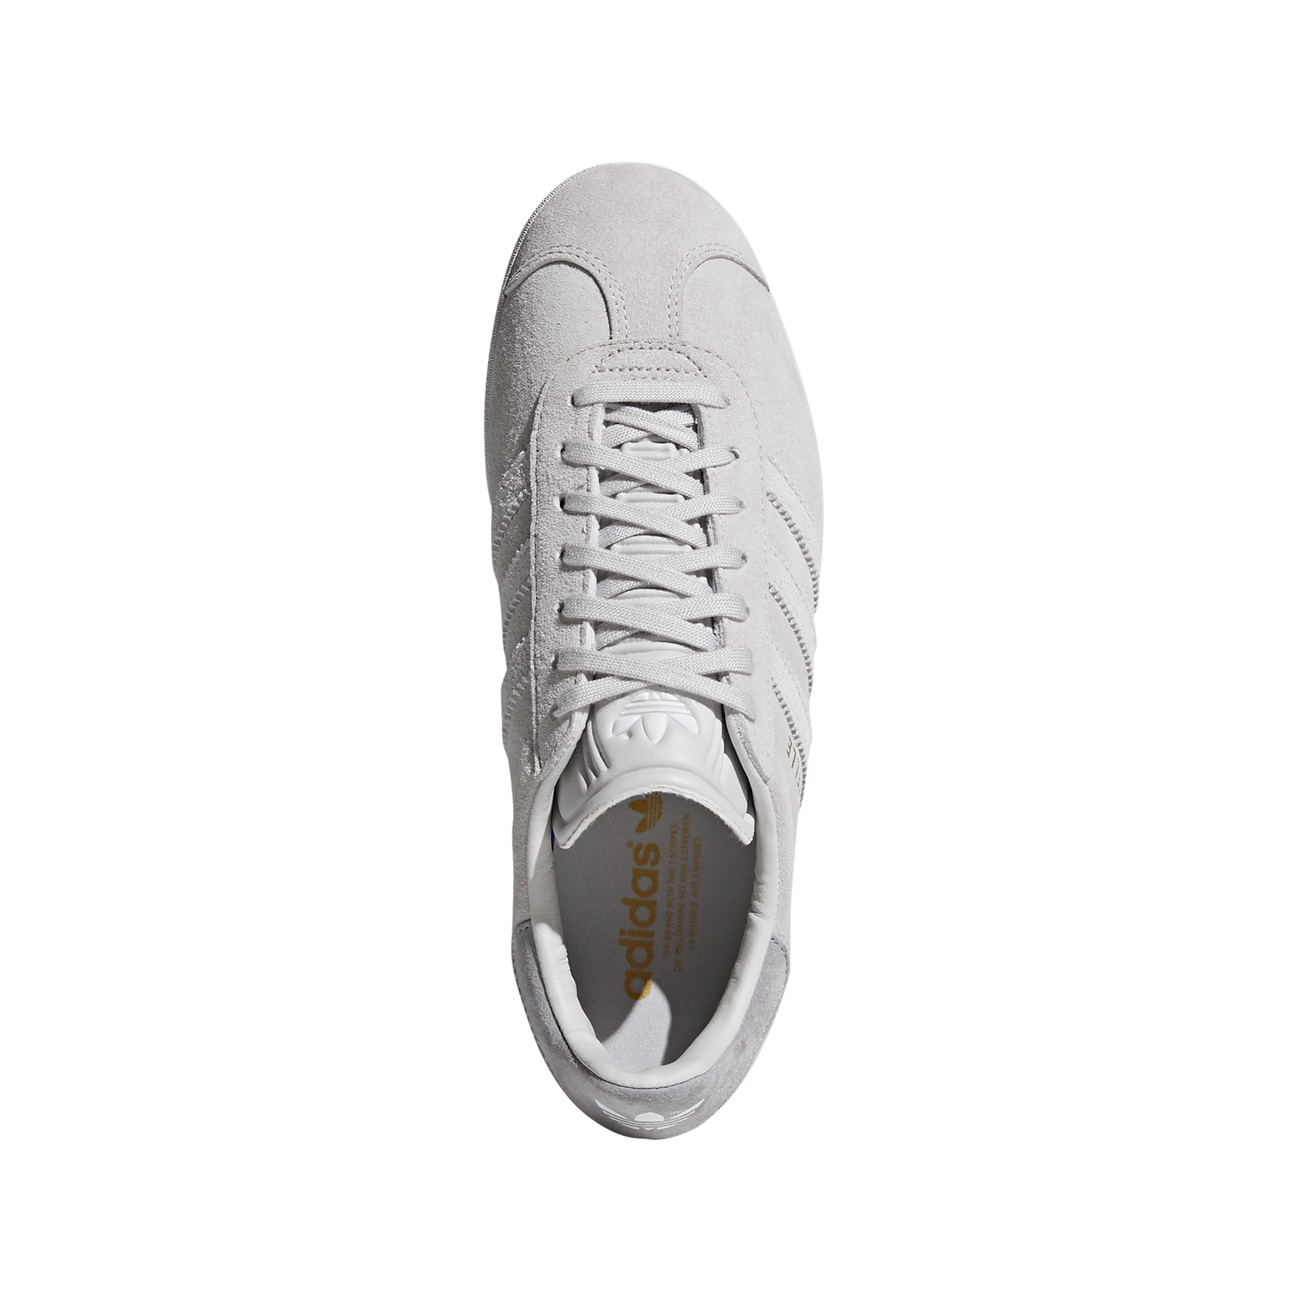 7b853743486af Adidas Originals Gazelle W